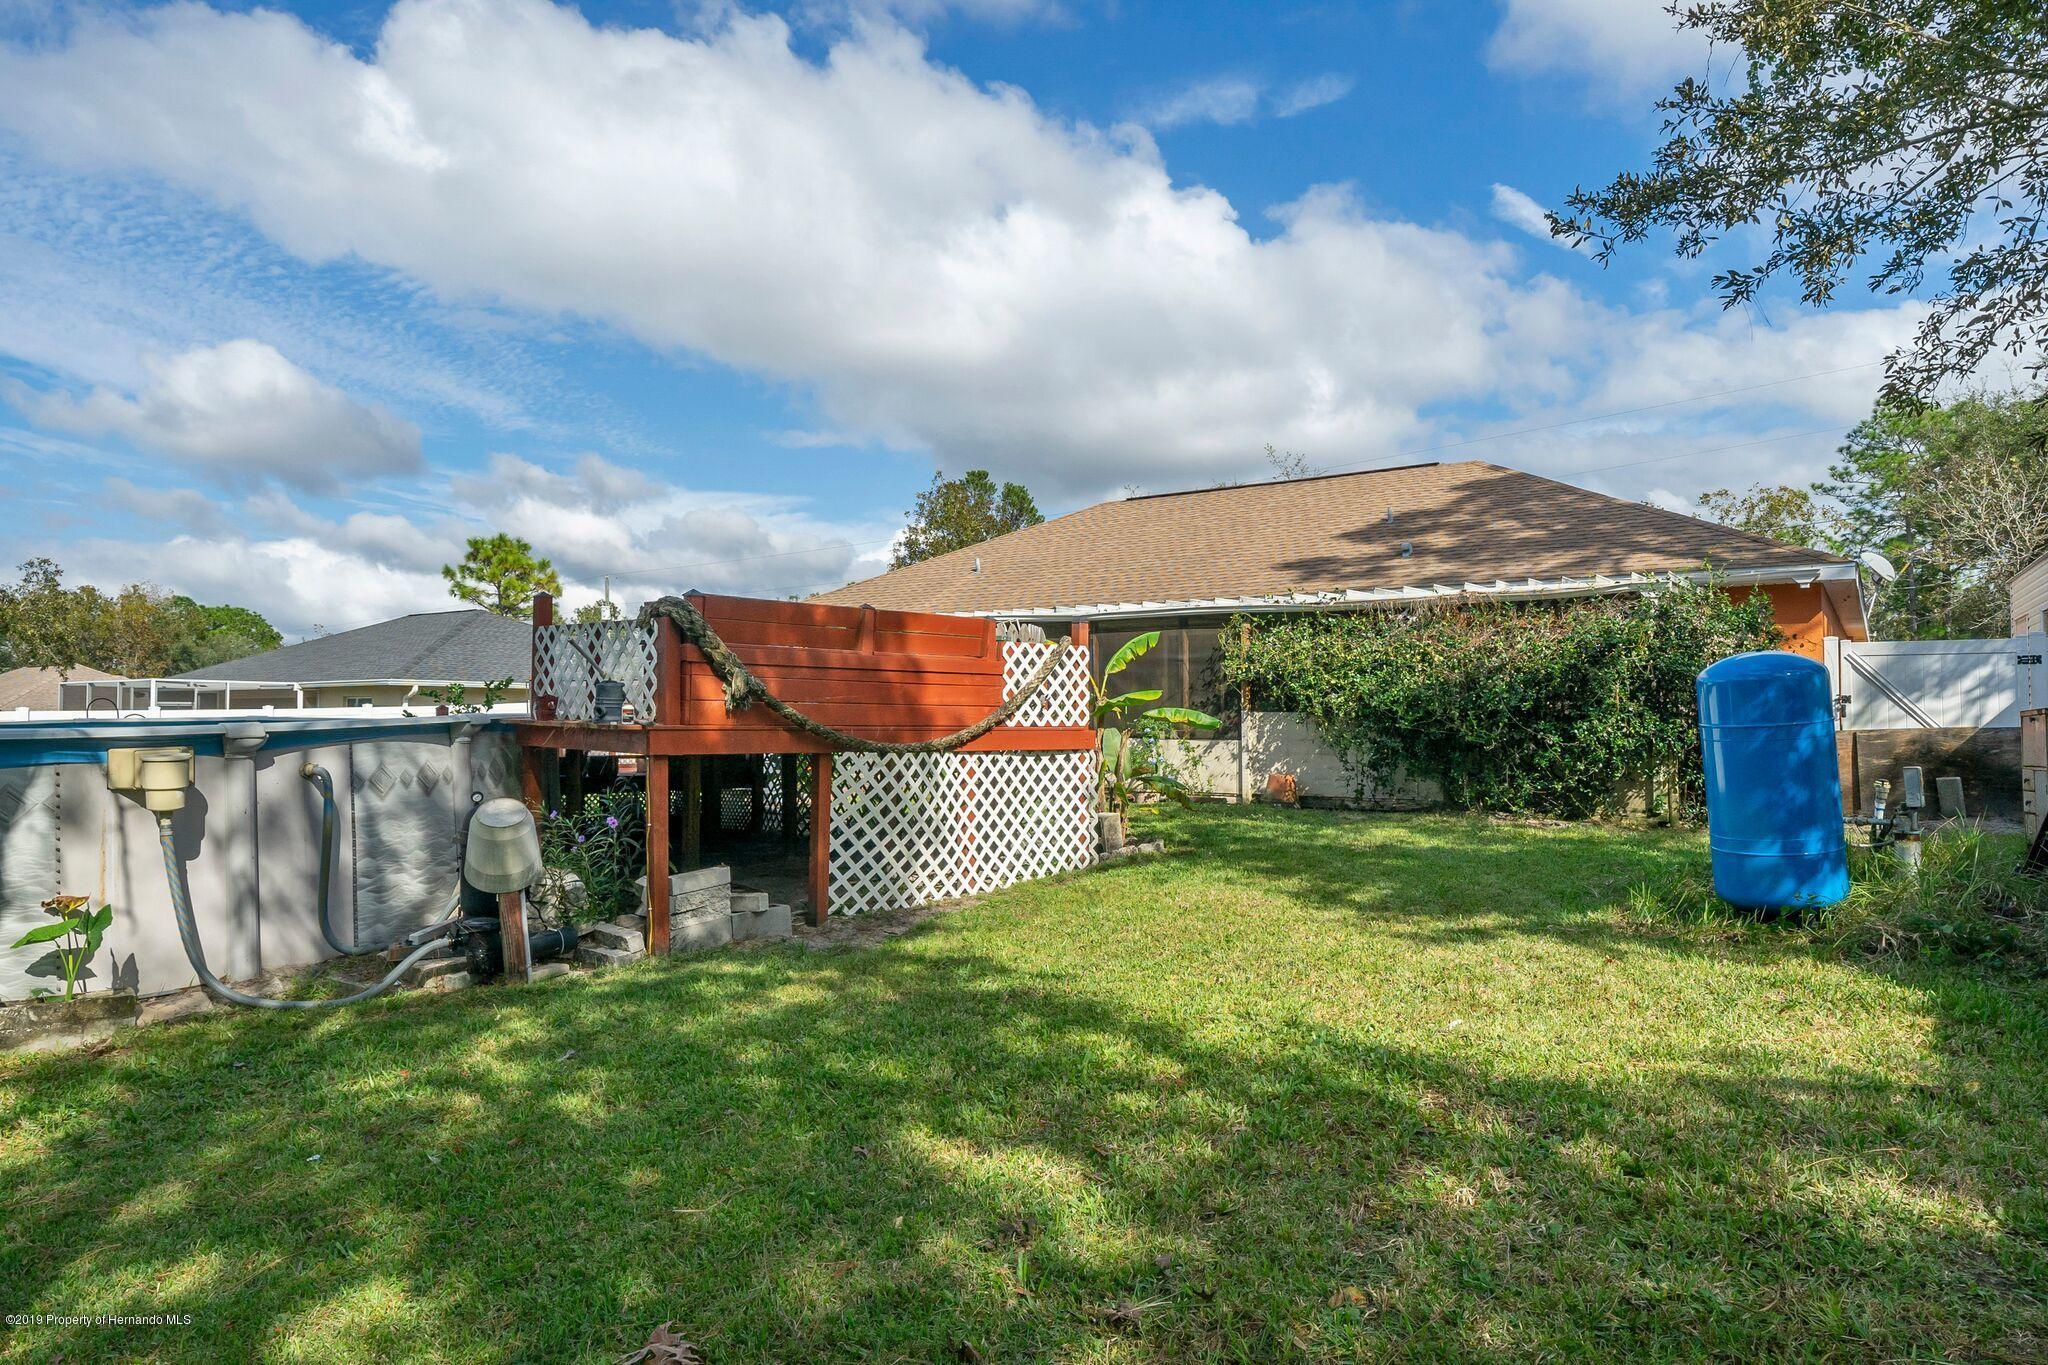 12027 Lark Sparrow Road, Weeki Wachee, Florida 34614, 3 Bedrooms Bedrooms, ,2 BathroomsBathrooms,Residential,For Sale,Lark Sparrow,2205201